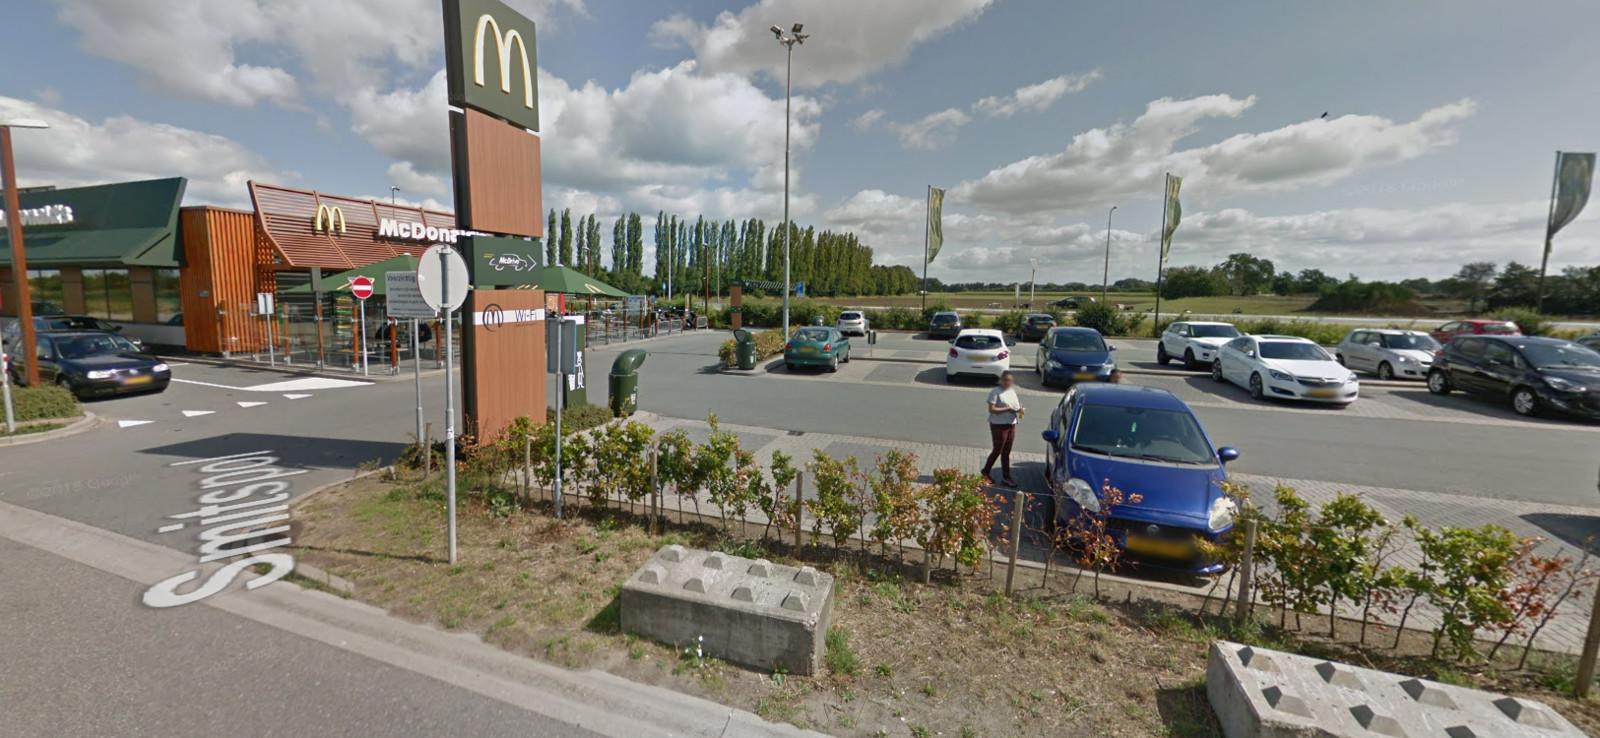 De parkeerplaats waar de dubbele aanhouding gisteren plaatsvond.